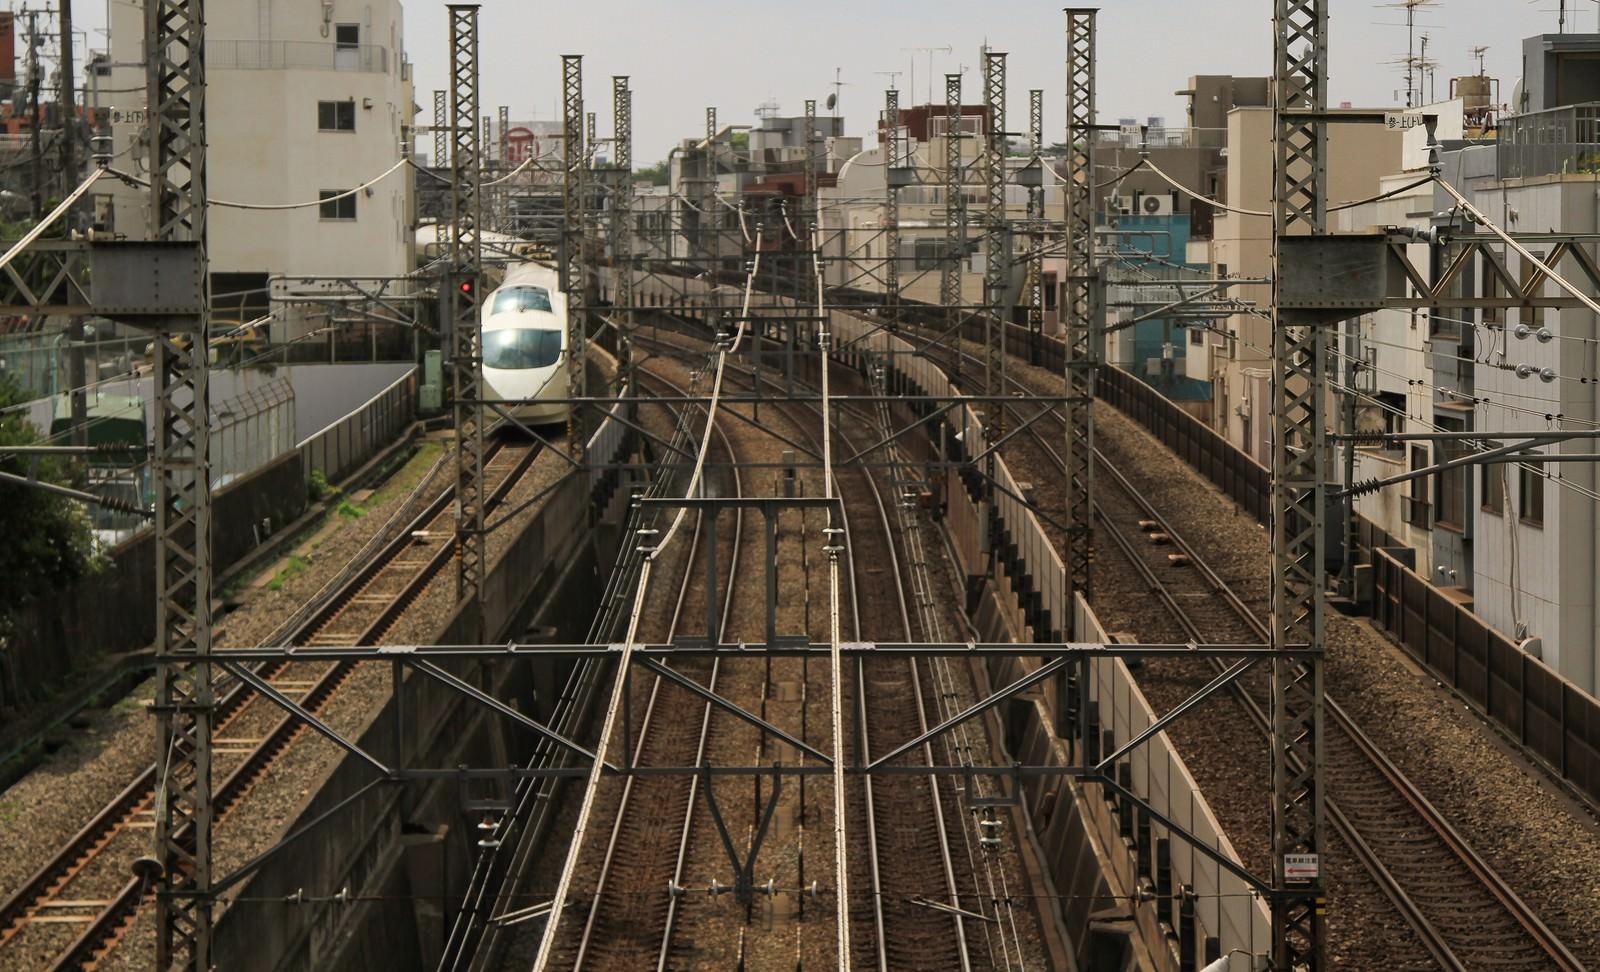 「都会を走る電車 | 写真の無料素材・フリー素材 - ぱくたそ」の写真